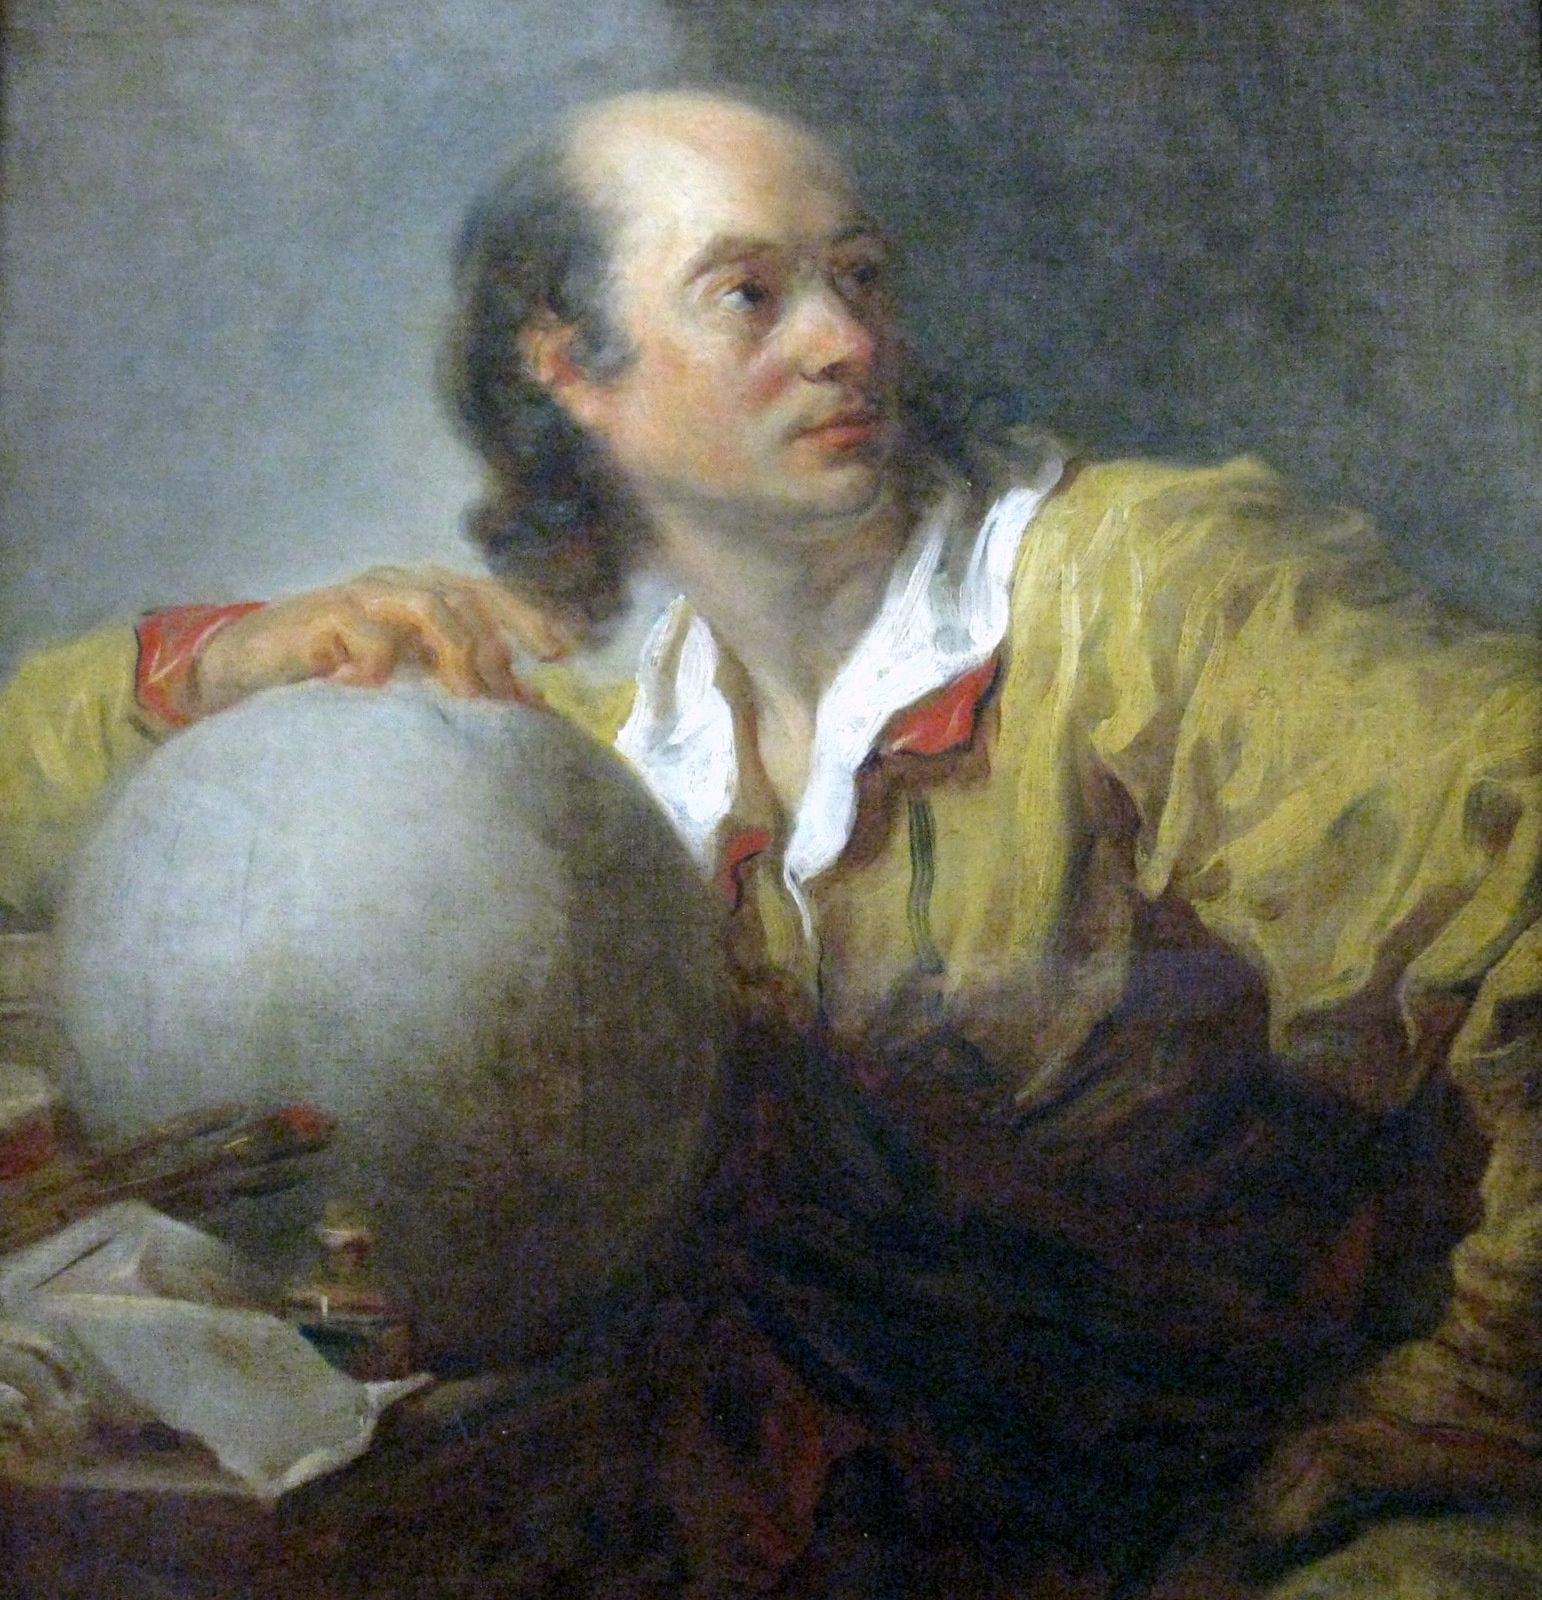 Portrait de Joseph-Jérôme Lefrançois de Lalande par Fragonard